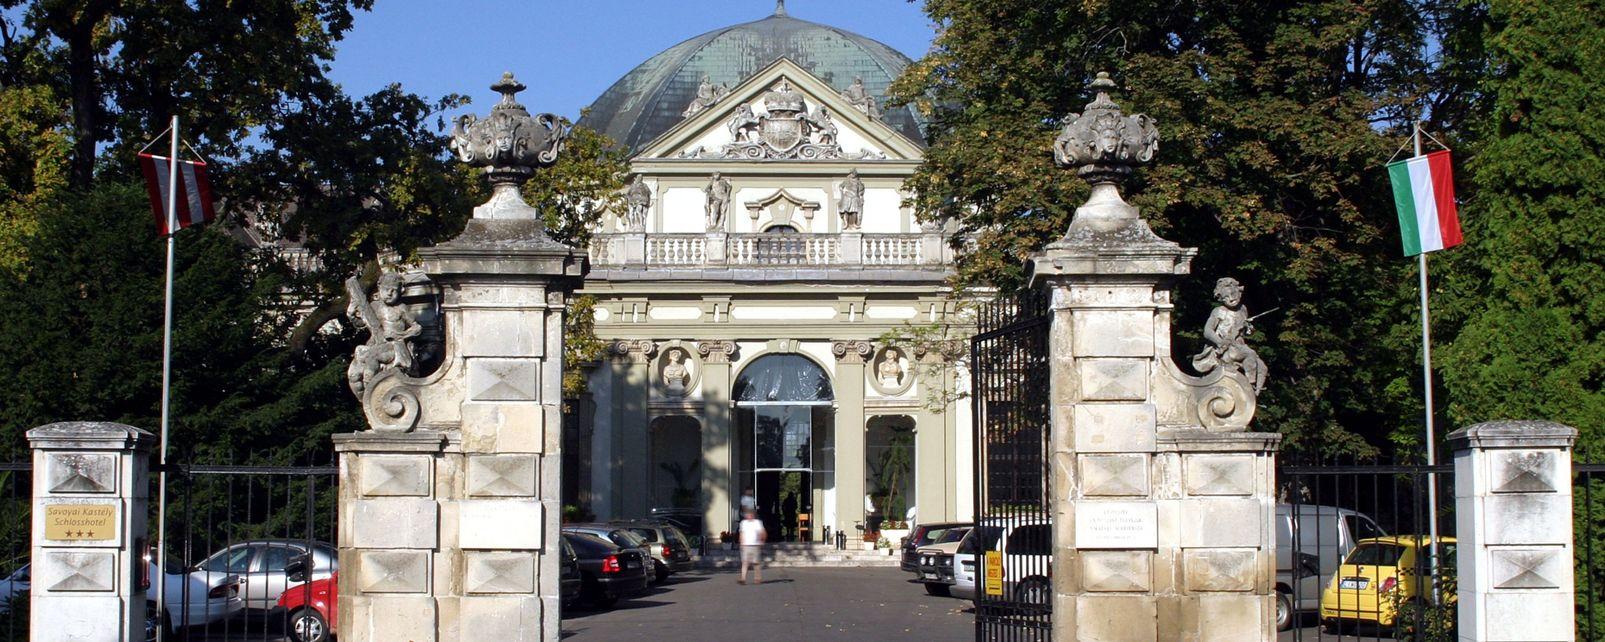 Les monuments, Savoyai, chateau, palais, Ráckeve, Hongrie, Europe